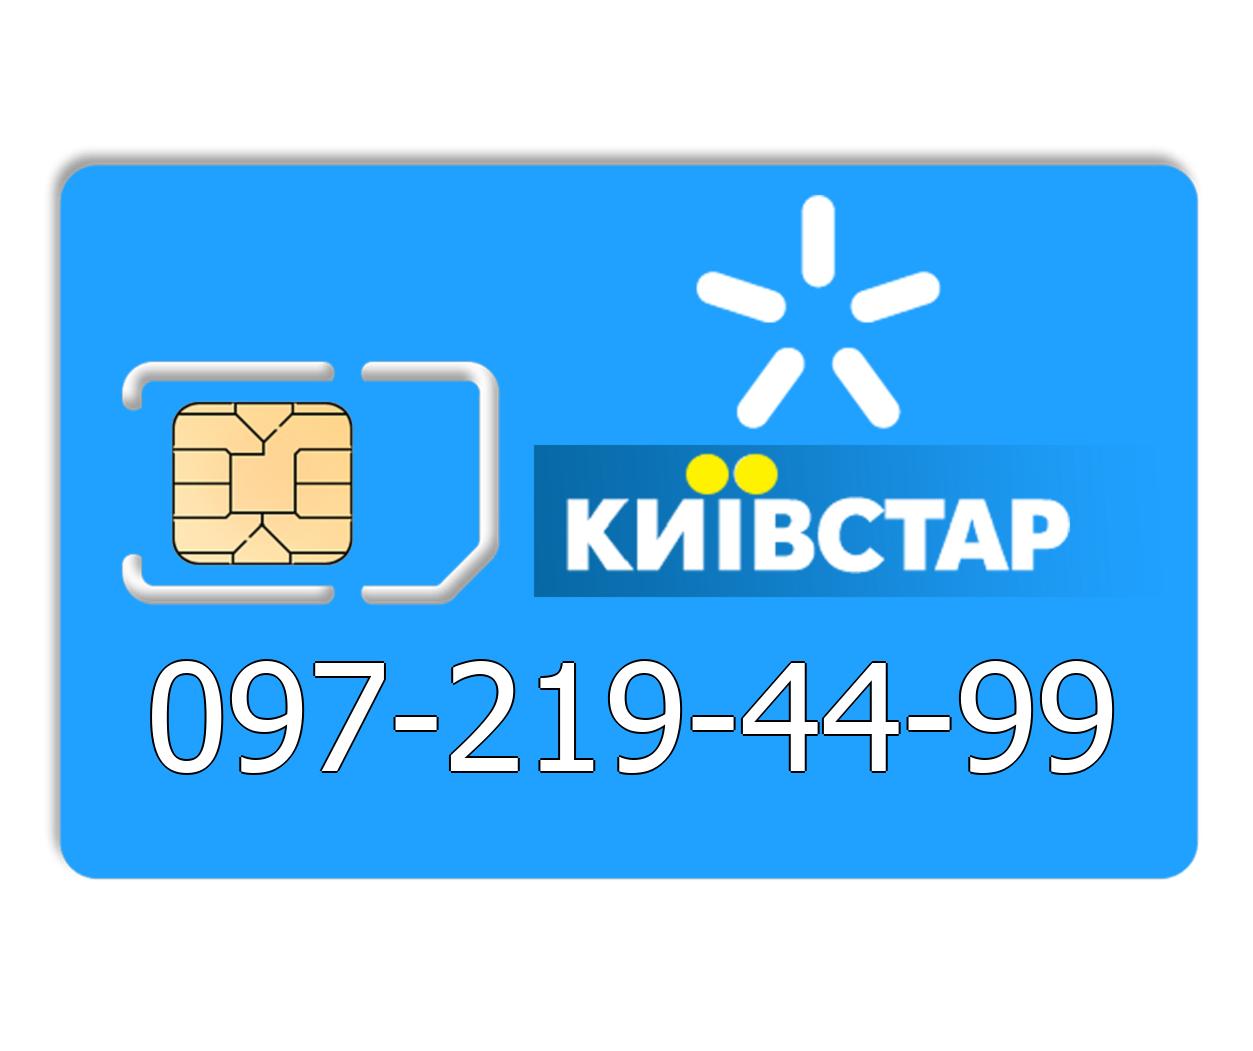 Красивый номер Киевстар 097-219-44-99